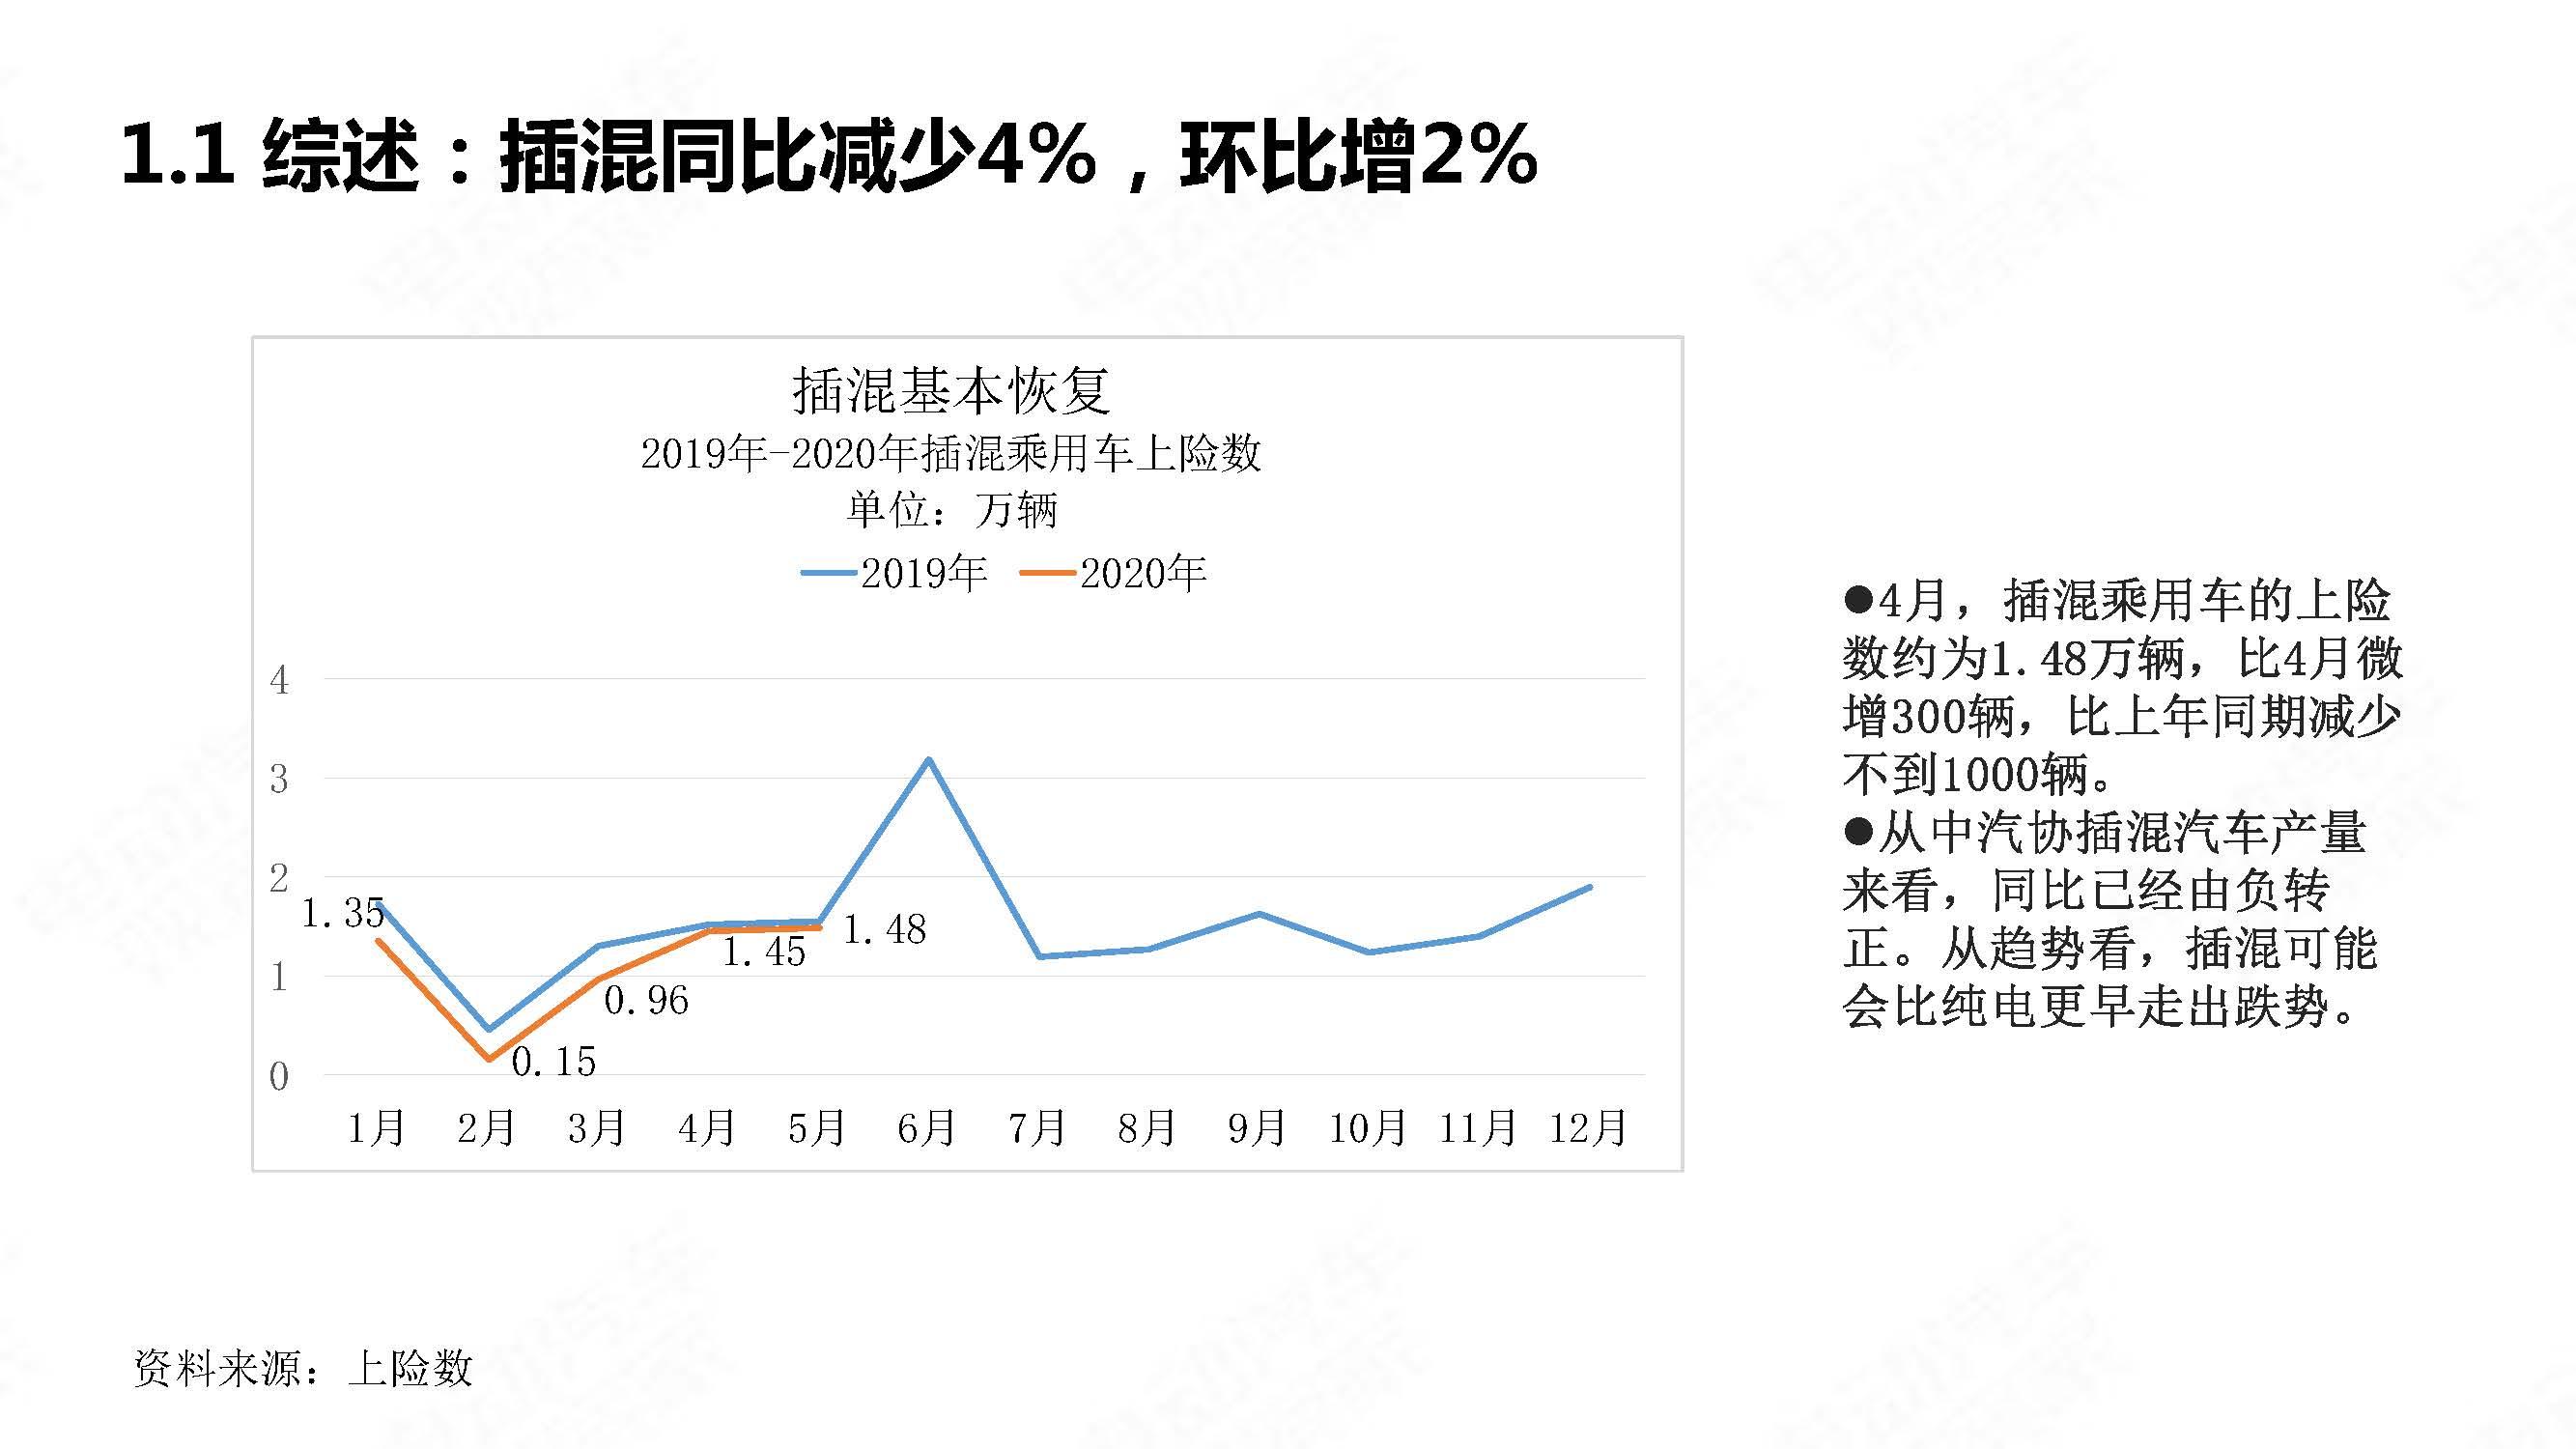 中国新能源汽车产业观察2020年5月简版_页面_08